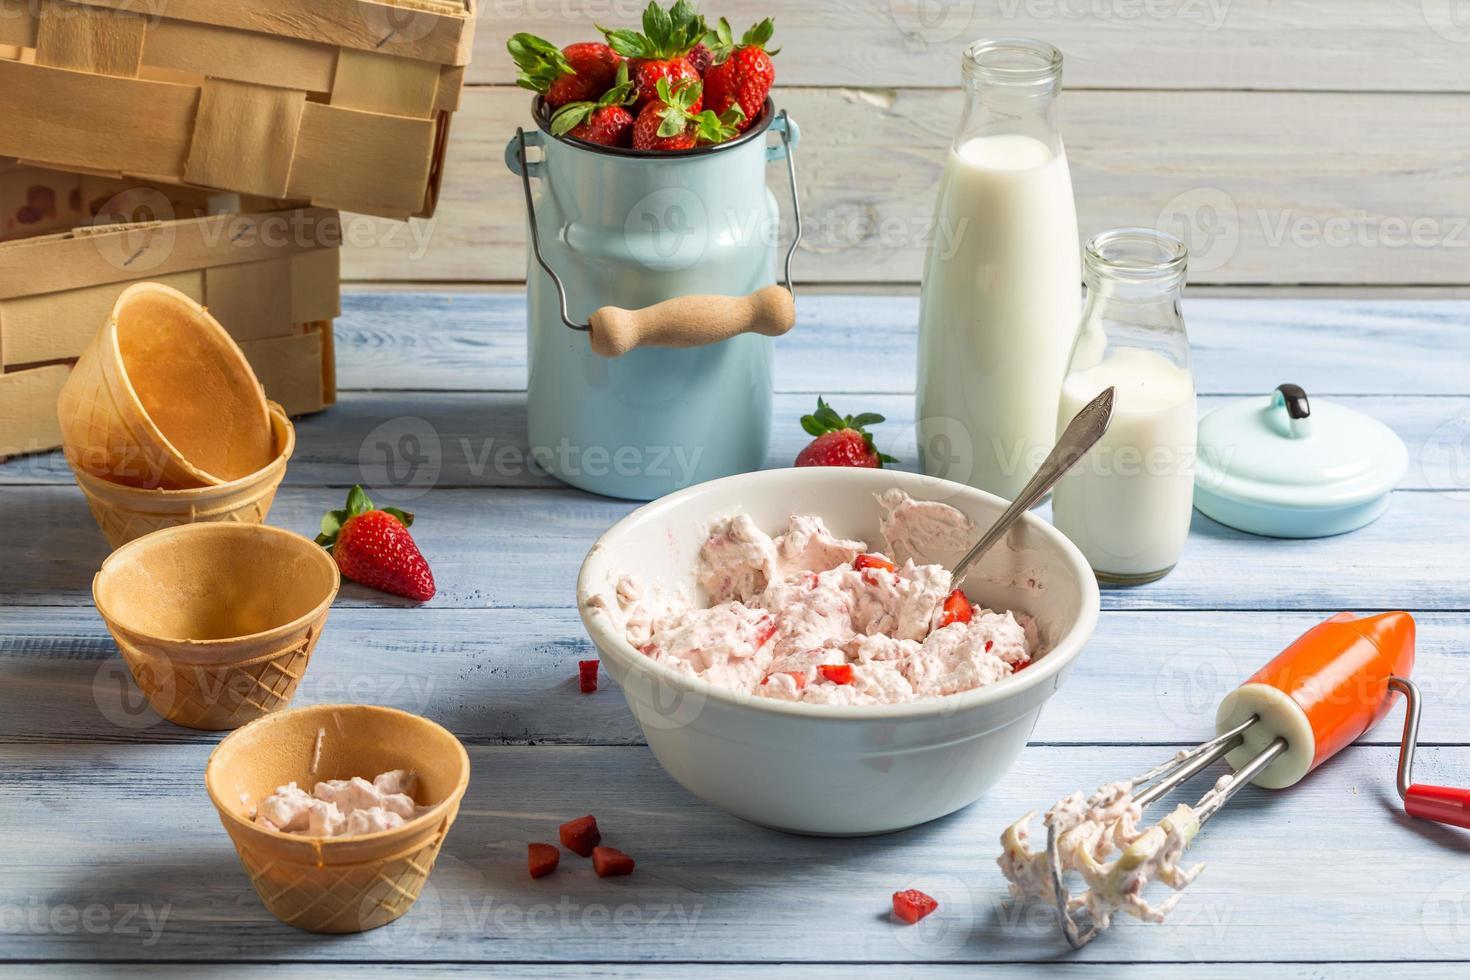 crema batida y fresas frescas como ingredientes para hielo crea foto